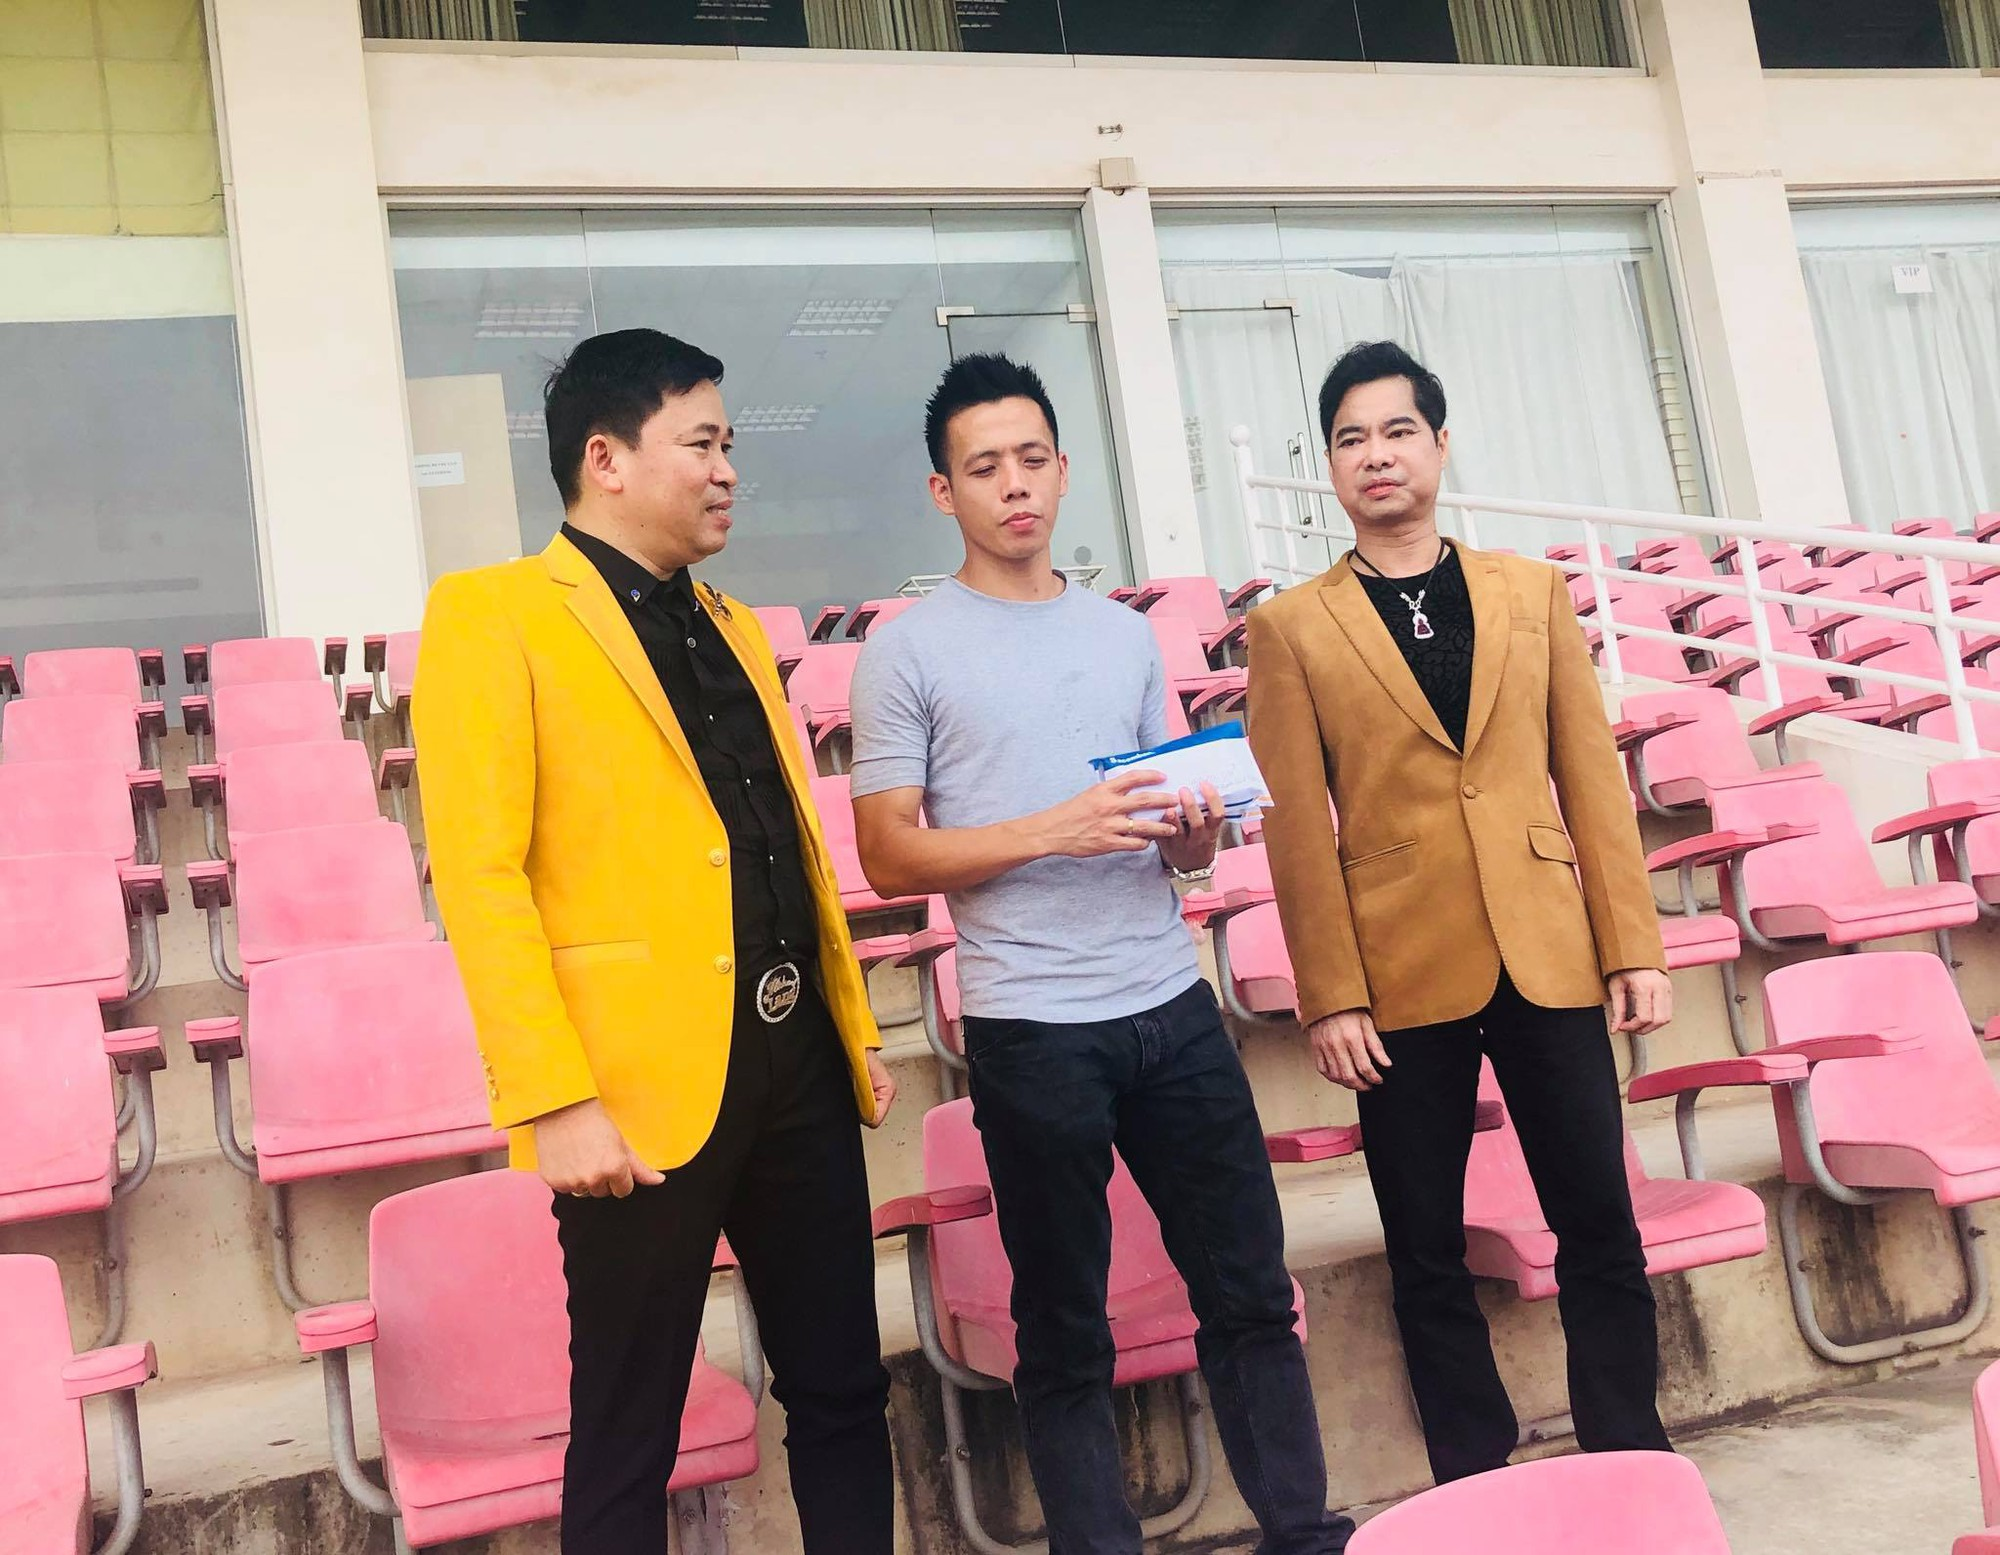 Cầu thủ Olympic Việt Nam tặng 250 triệu đồng cho đội tuyển nữ Việt Nam - Ảnh 1.